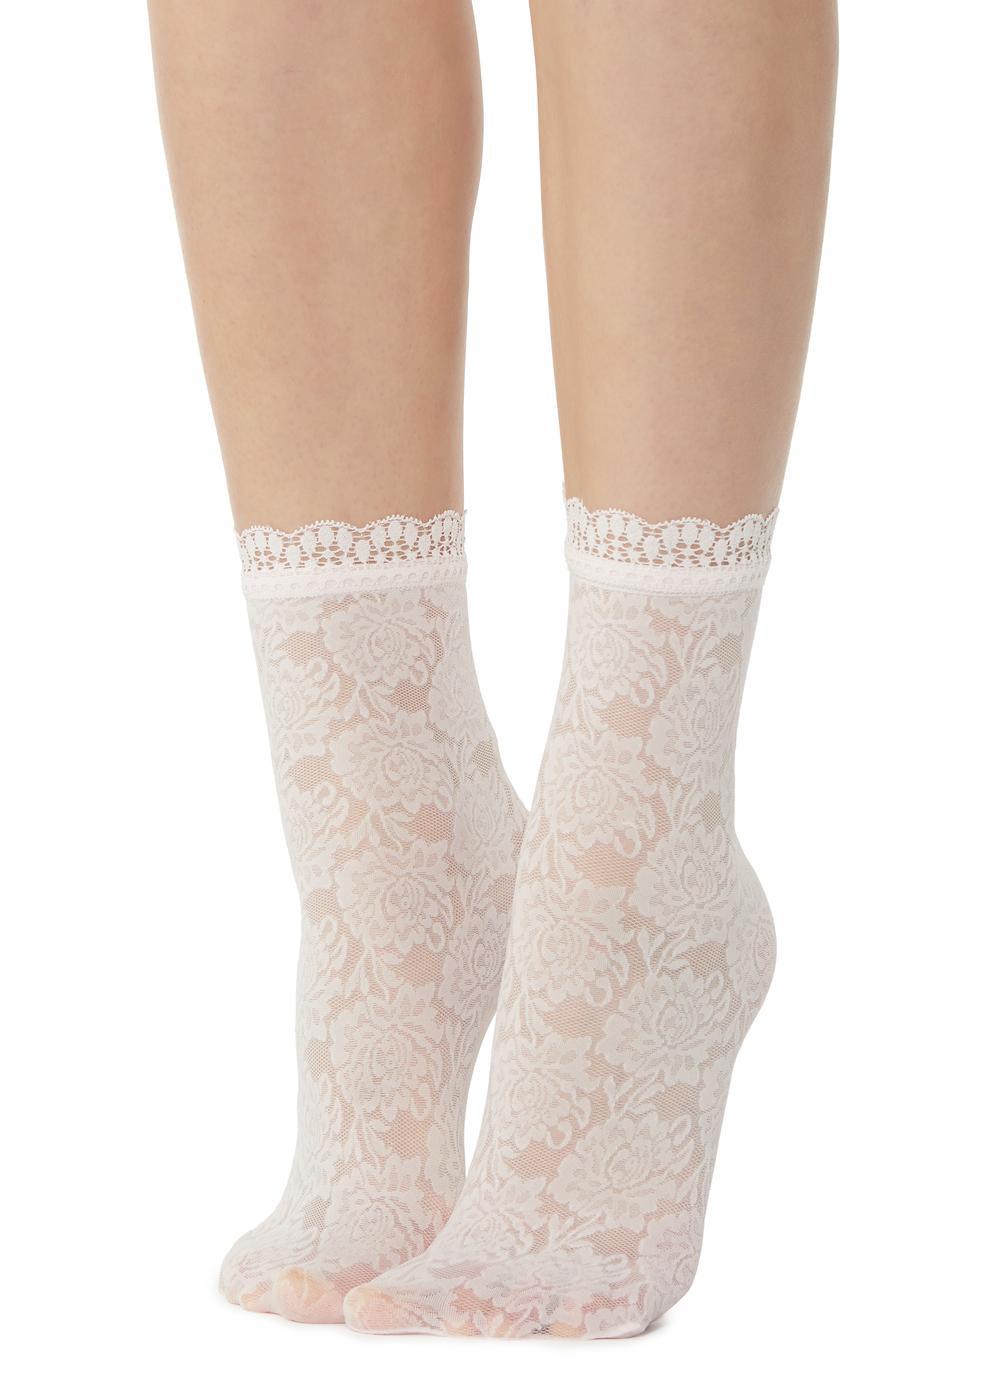 Modische Socken mit Blumenmuster und Spitze